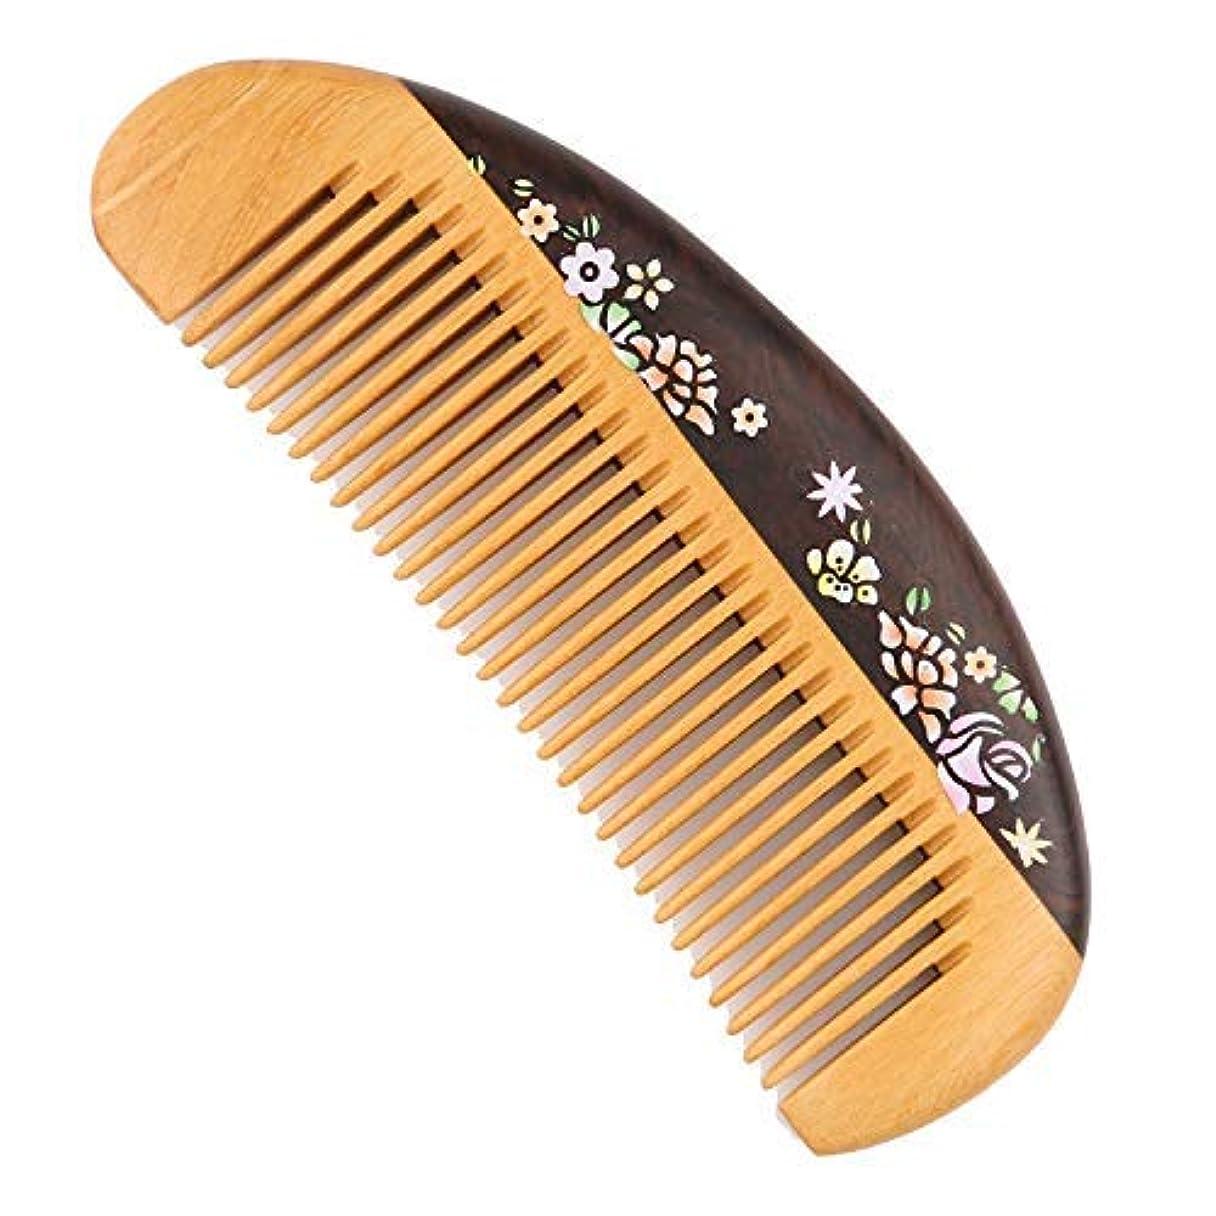 大きさインシデント私のFine Tooth Wooden Comb [Gift Box] -LilyComb No Static Pocket Wood Comb for Girl and Women- Birthday Anniversary...